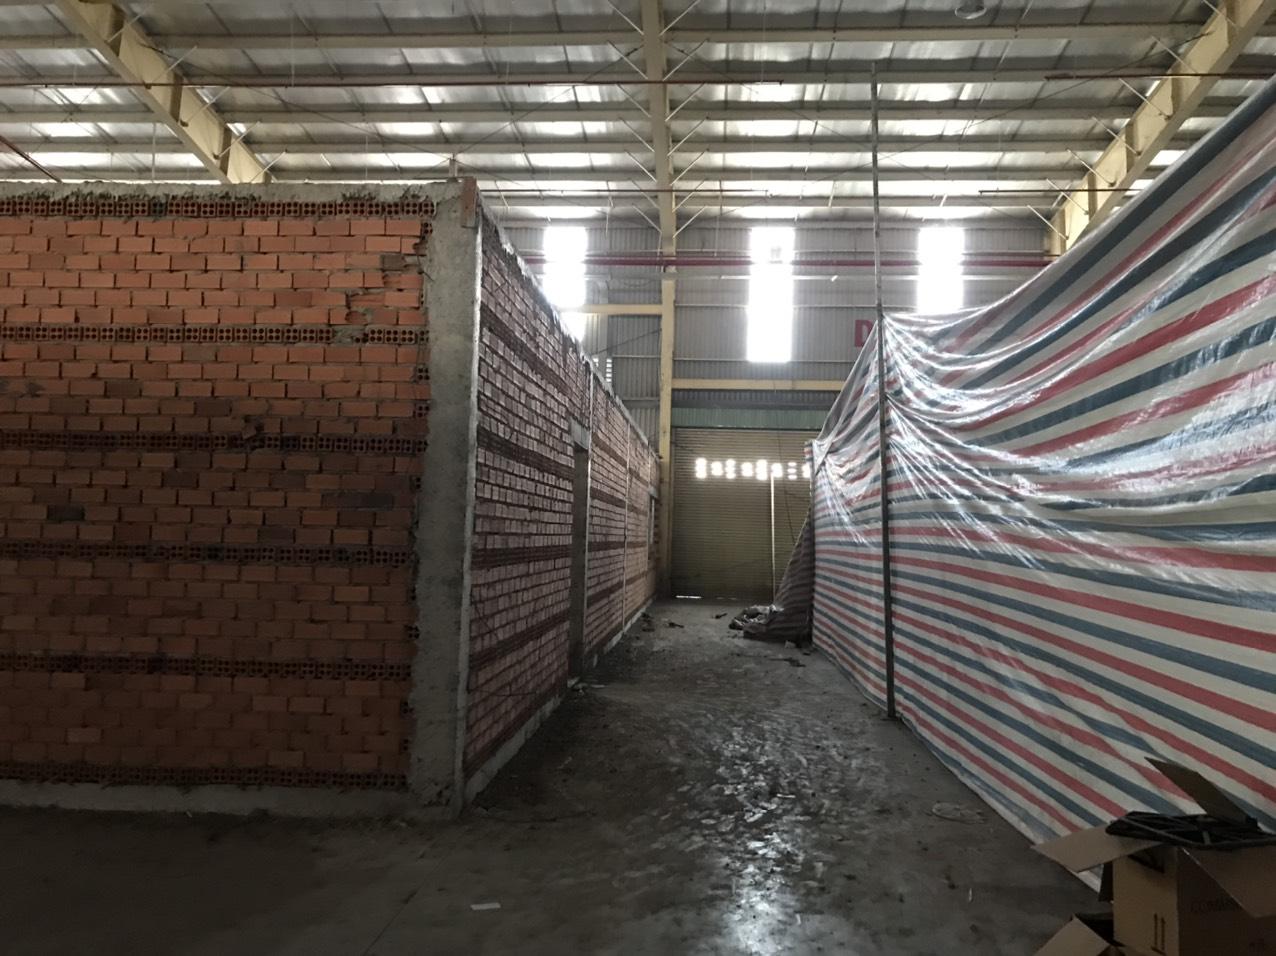 Thi công sữa chữa nâng cấp nhà xưởng tại Bình Dương